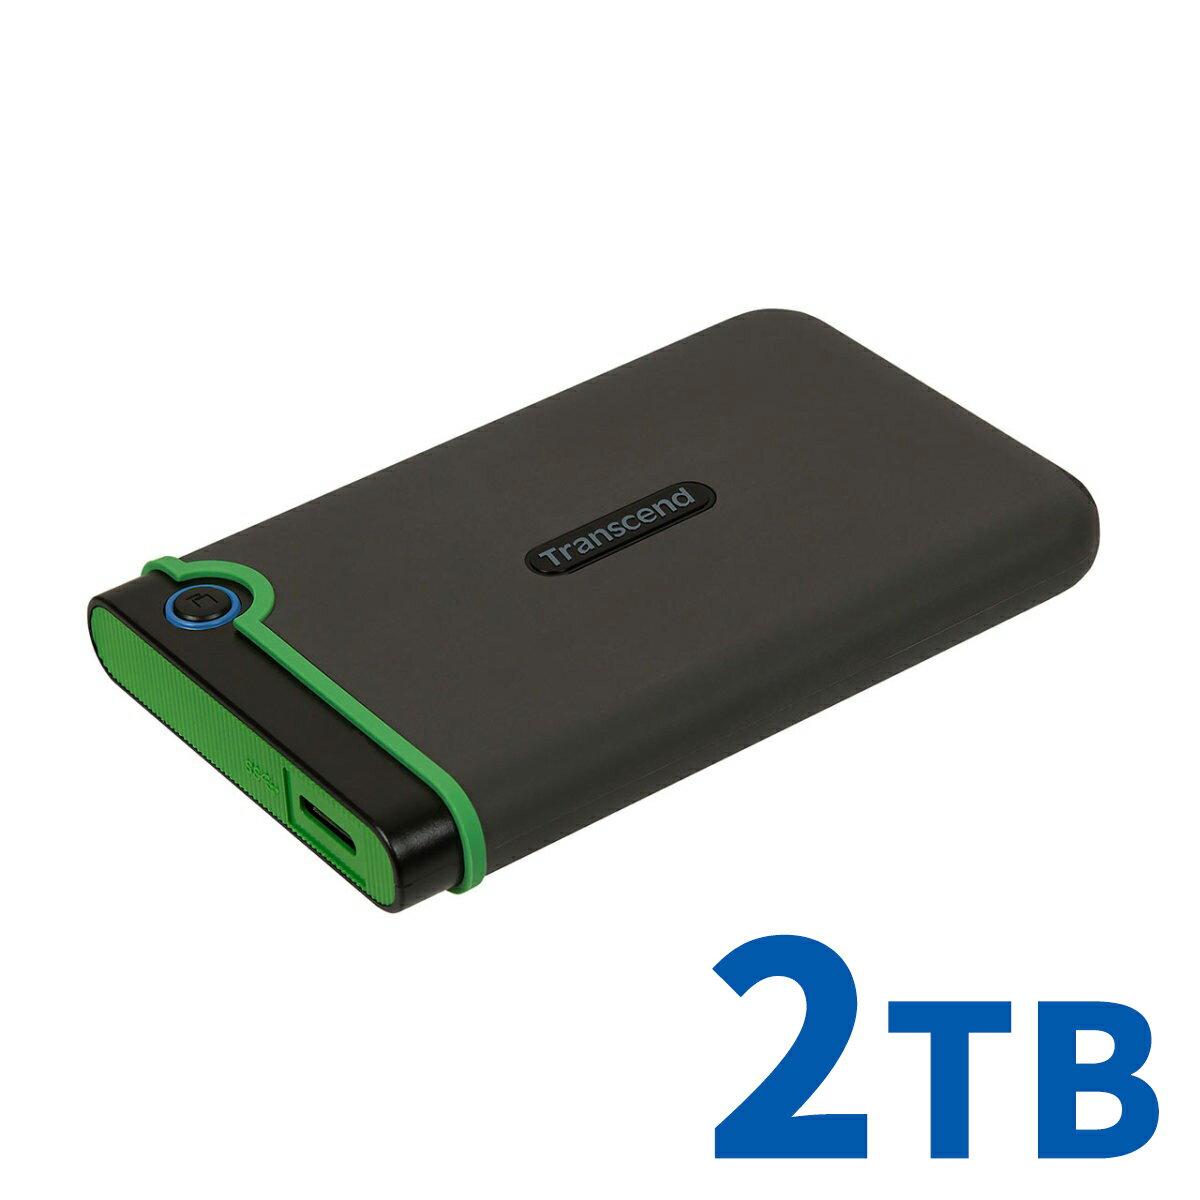 Transcend ポータブルHDD 2TB USB3.1 テレビ録画 2.5インチ スリムポータブルHDD 耐衝撃 3年保証 ハードディスク 外付けHDD ポータブルハードディスク[TS2TSJ25M3S]【送料無料】